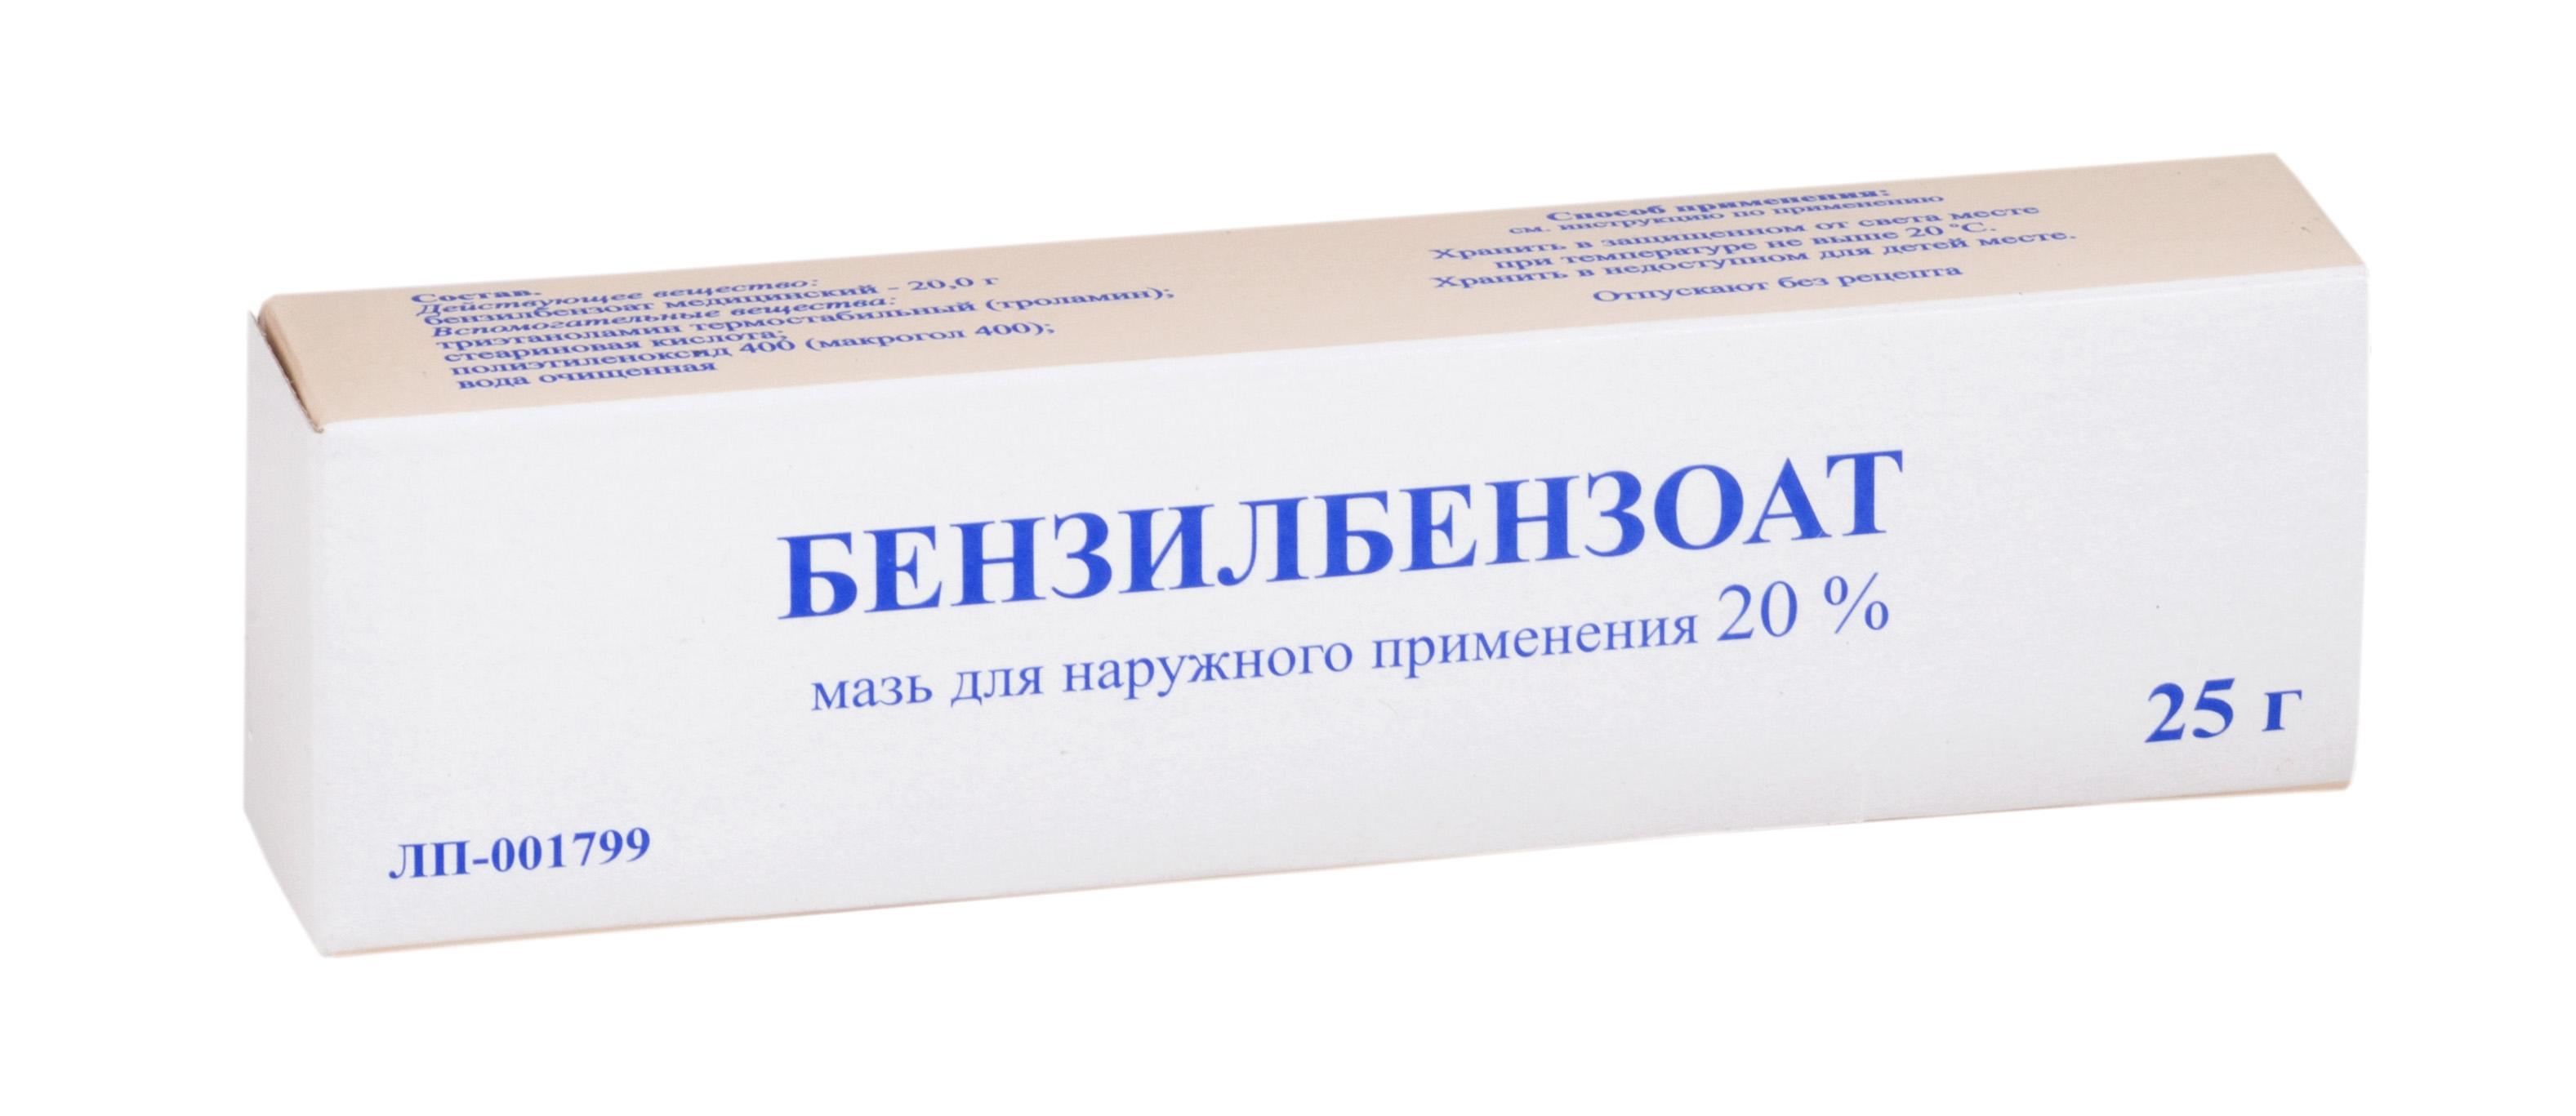 Бензилбензоат мазь 20% 25г